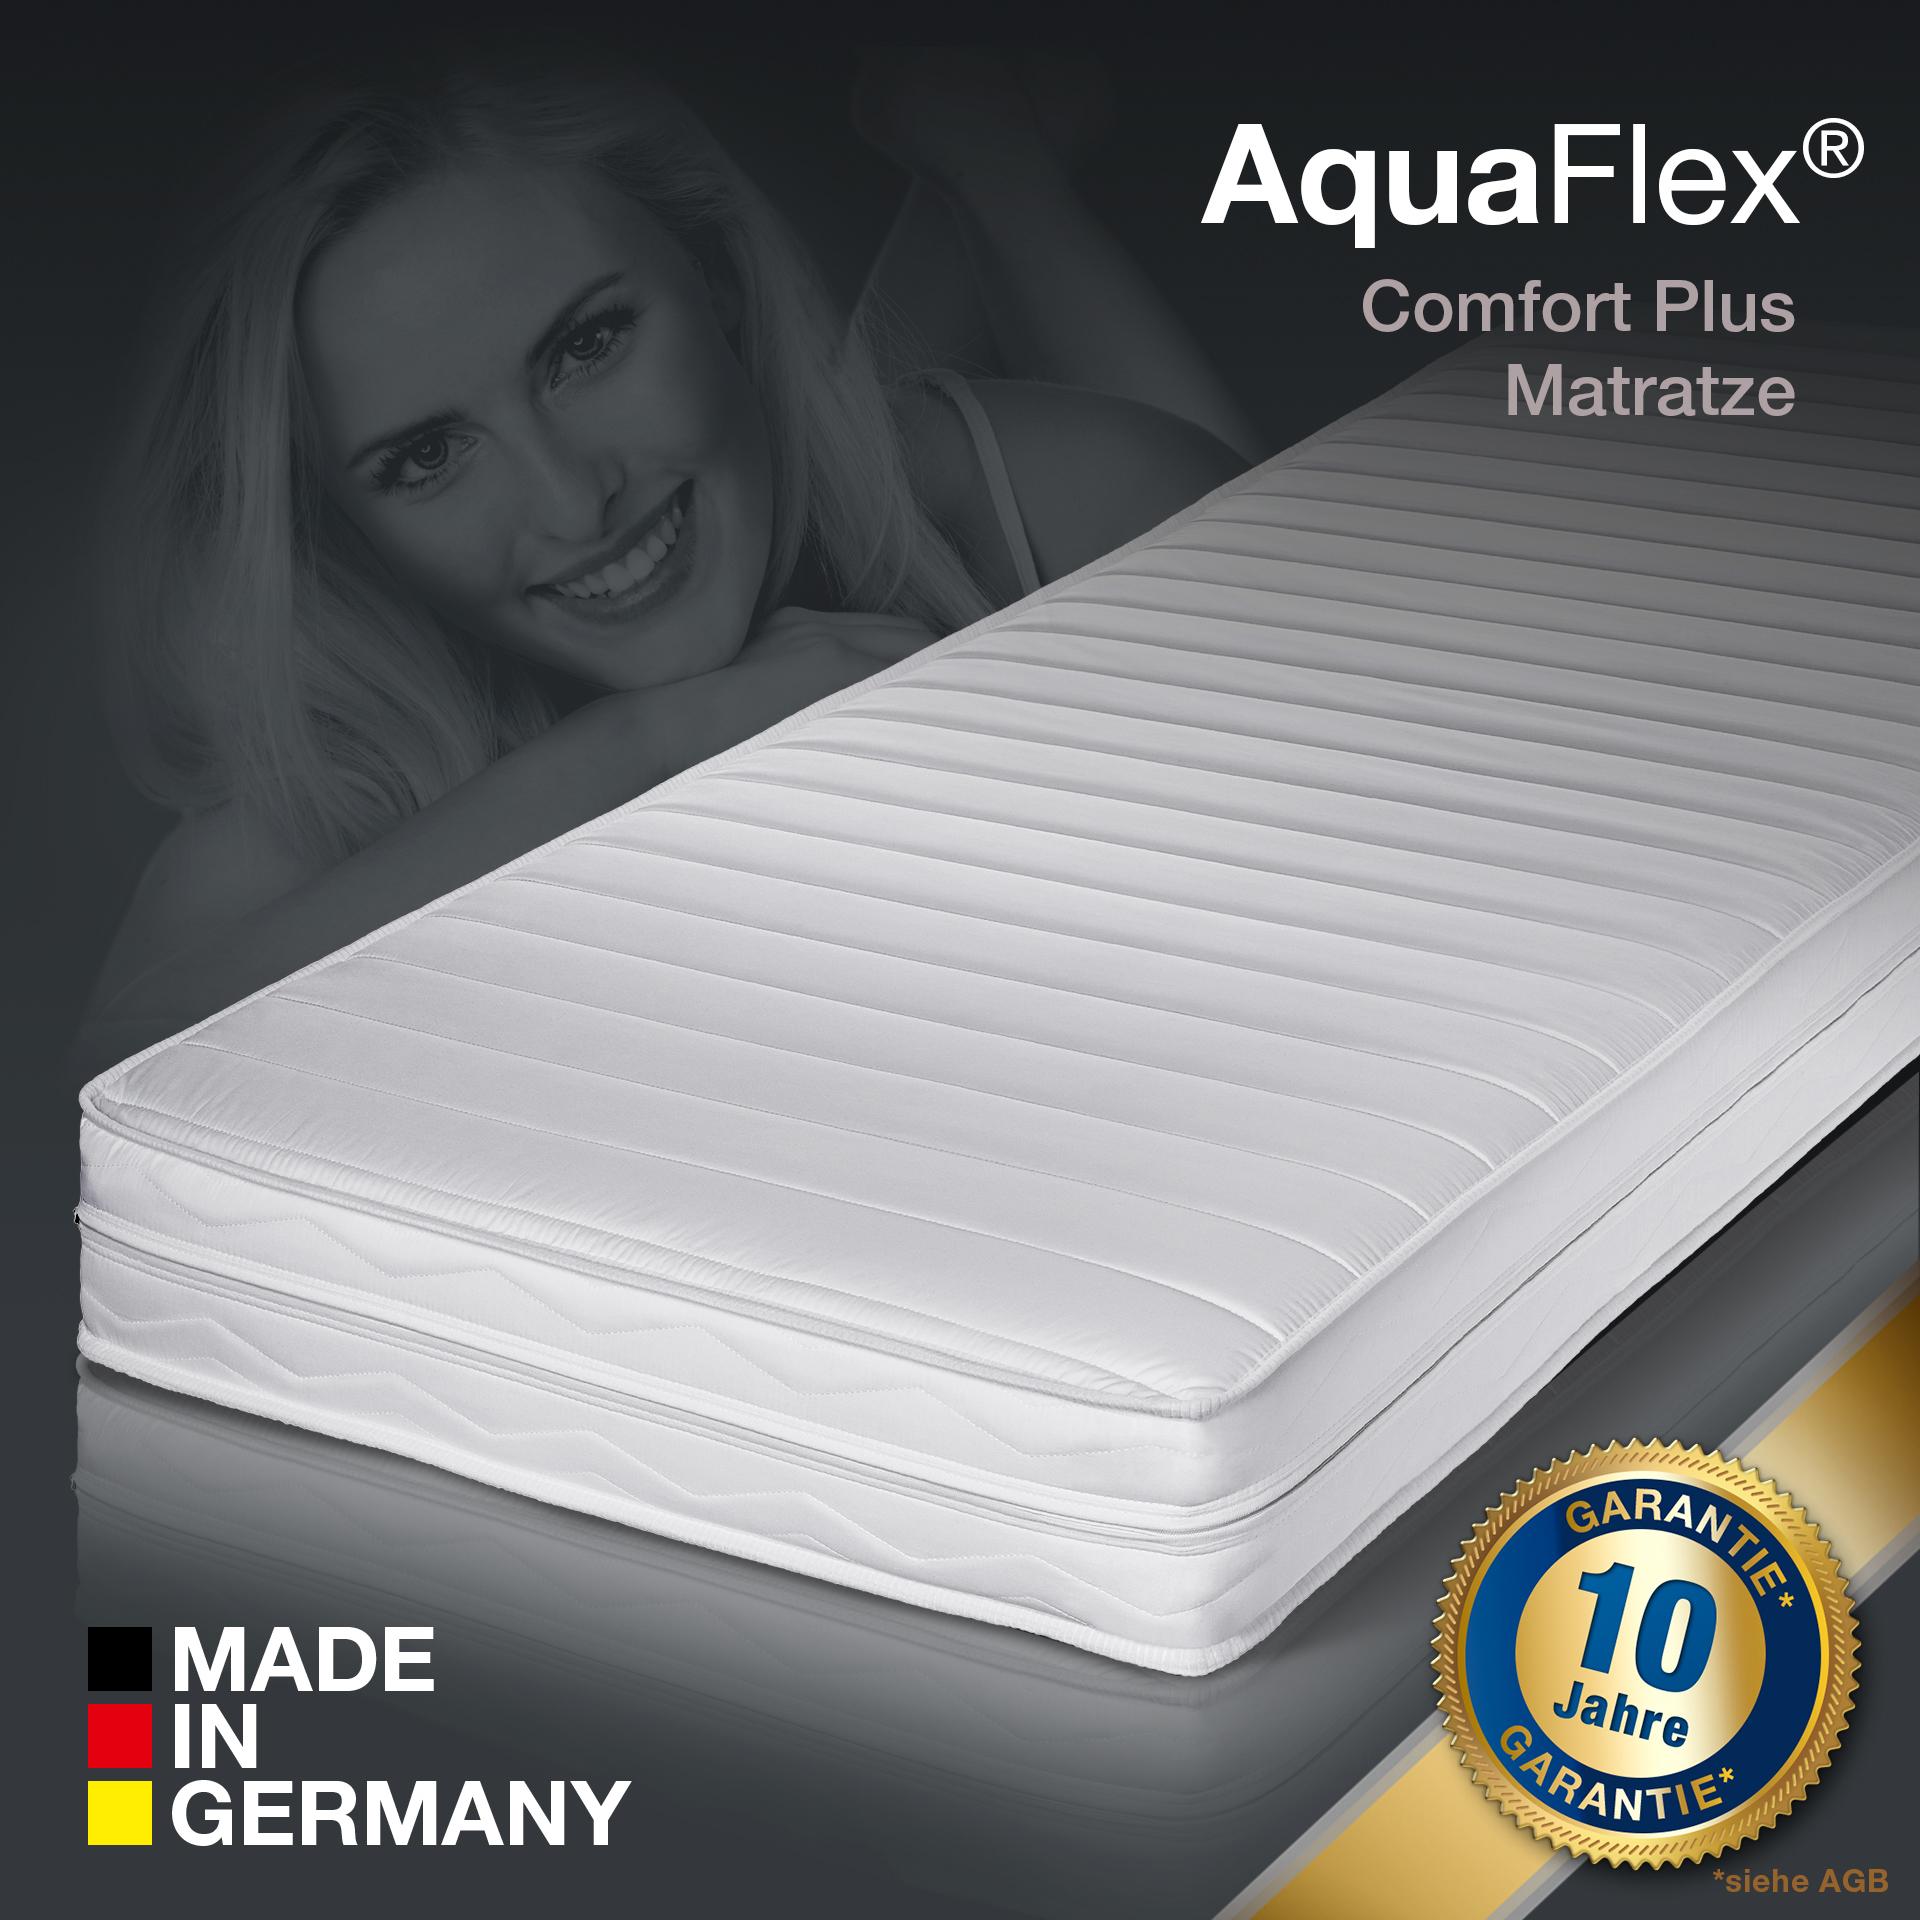 AquaFlex-Comfort-Plus-7-Zonen-Premium-MEMORY-Kaltschaum-Matratze-OkoZertifiziert